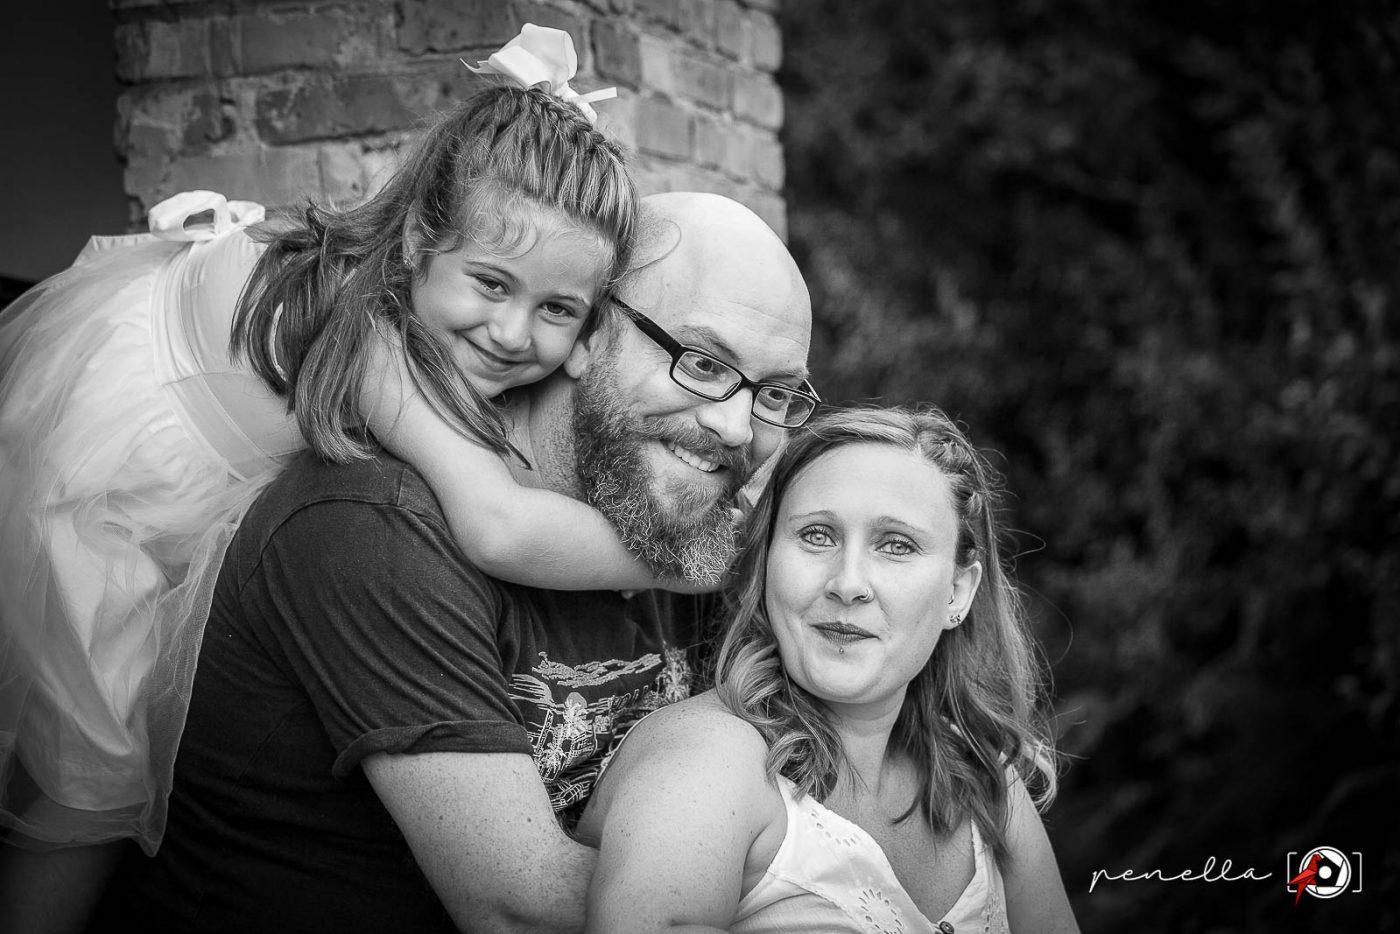 Foto en blanco y negro de boda o postboda divertida en familia en Asturias